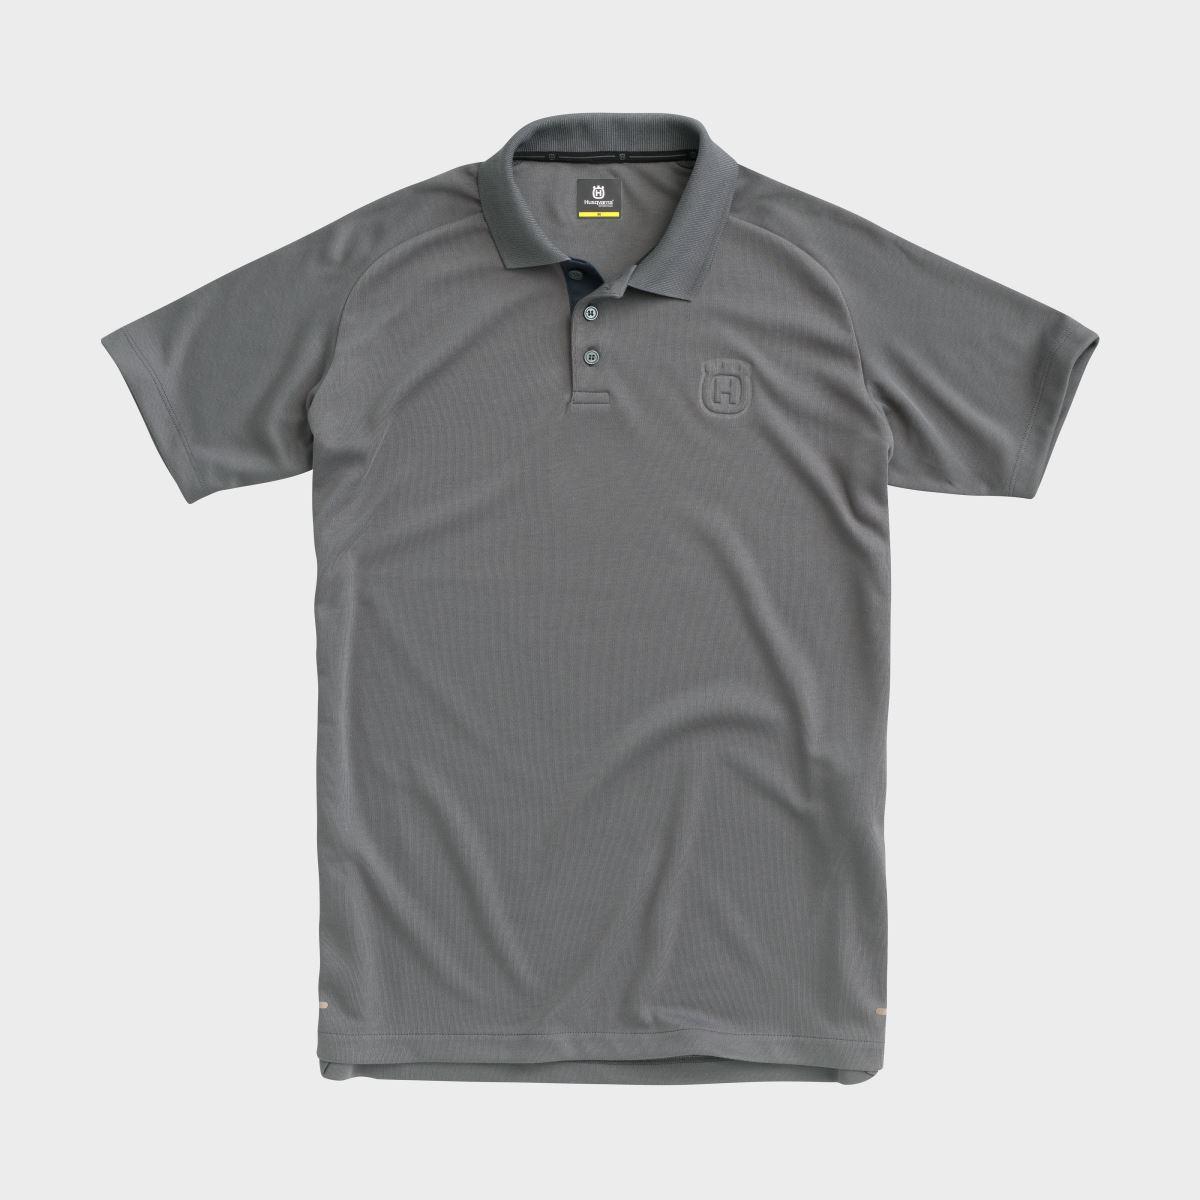 ORIGIN POLO GREY - CASUAL CLOTHING COLLECTION 2020